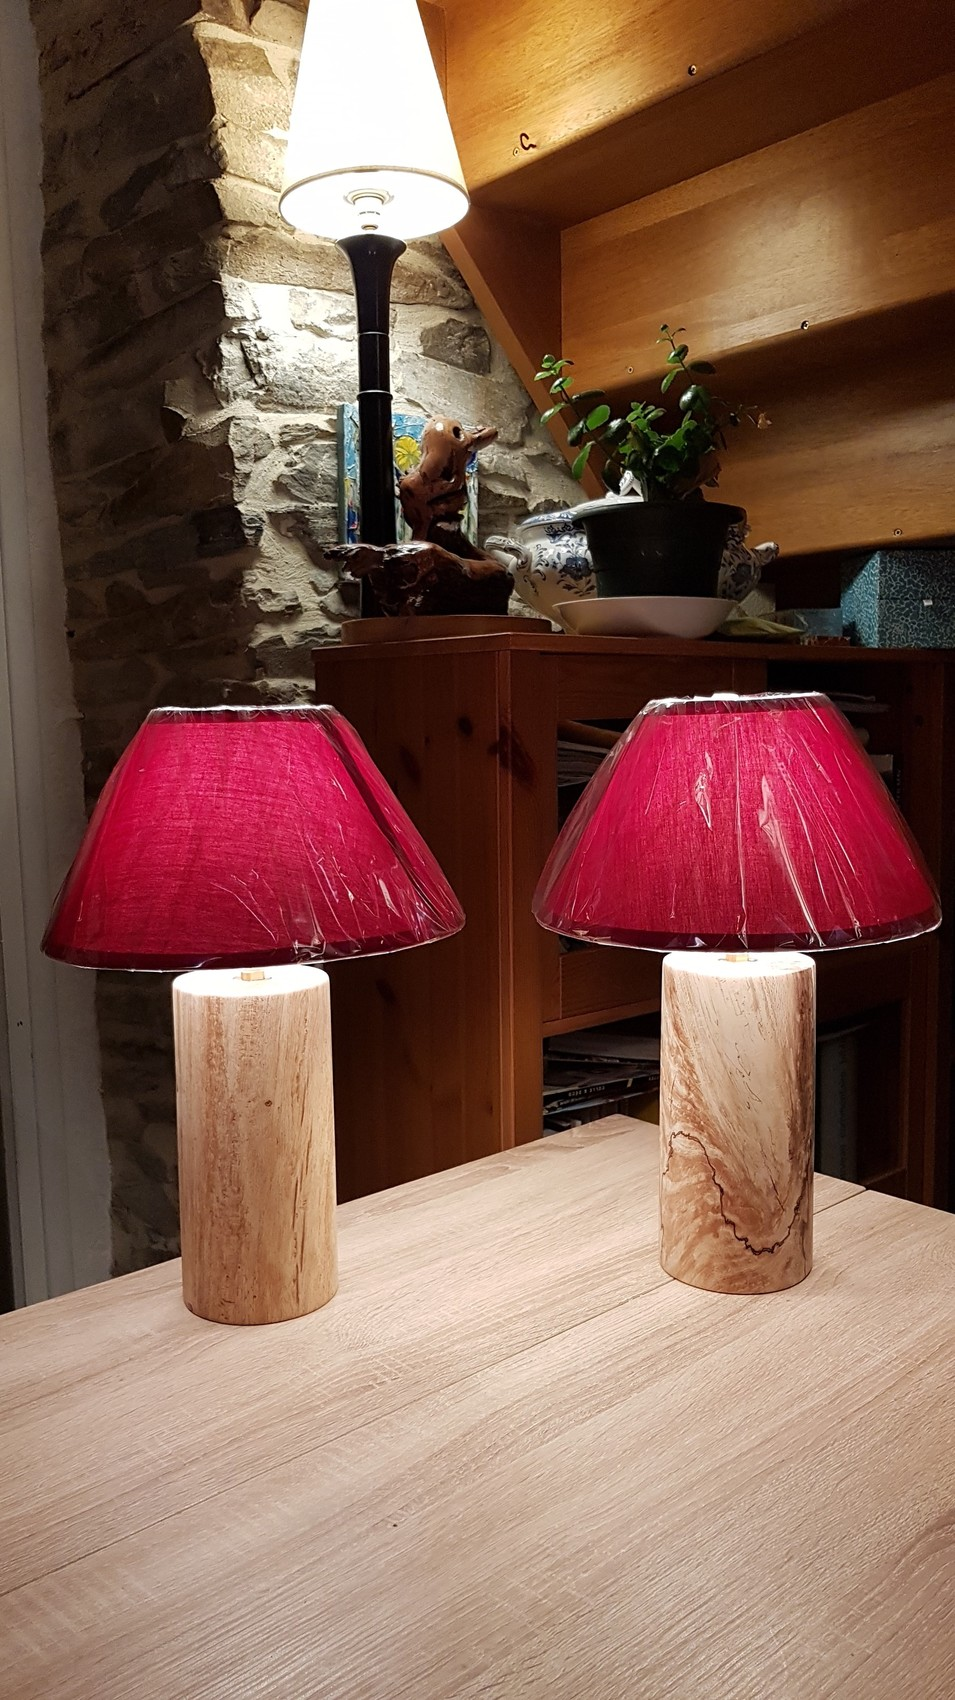 Chevet Hêtre Sculpture En Fusé Lampes De pUMVzS